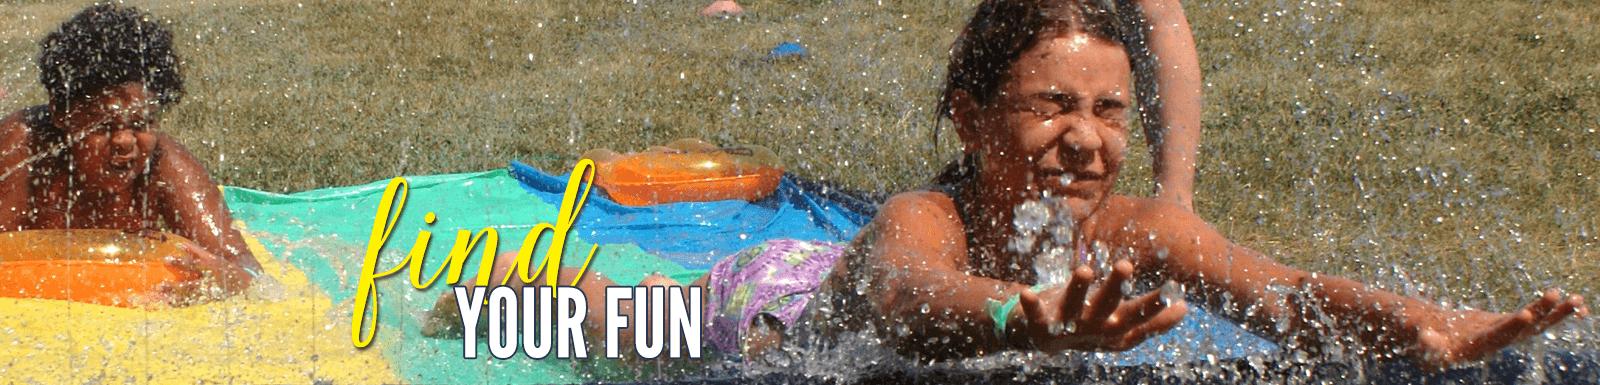 Find your fun at Camp Kupugani